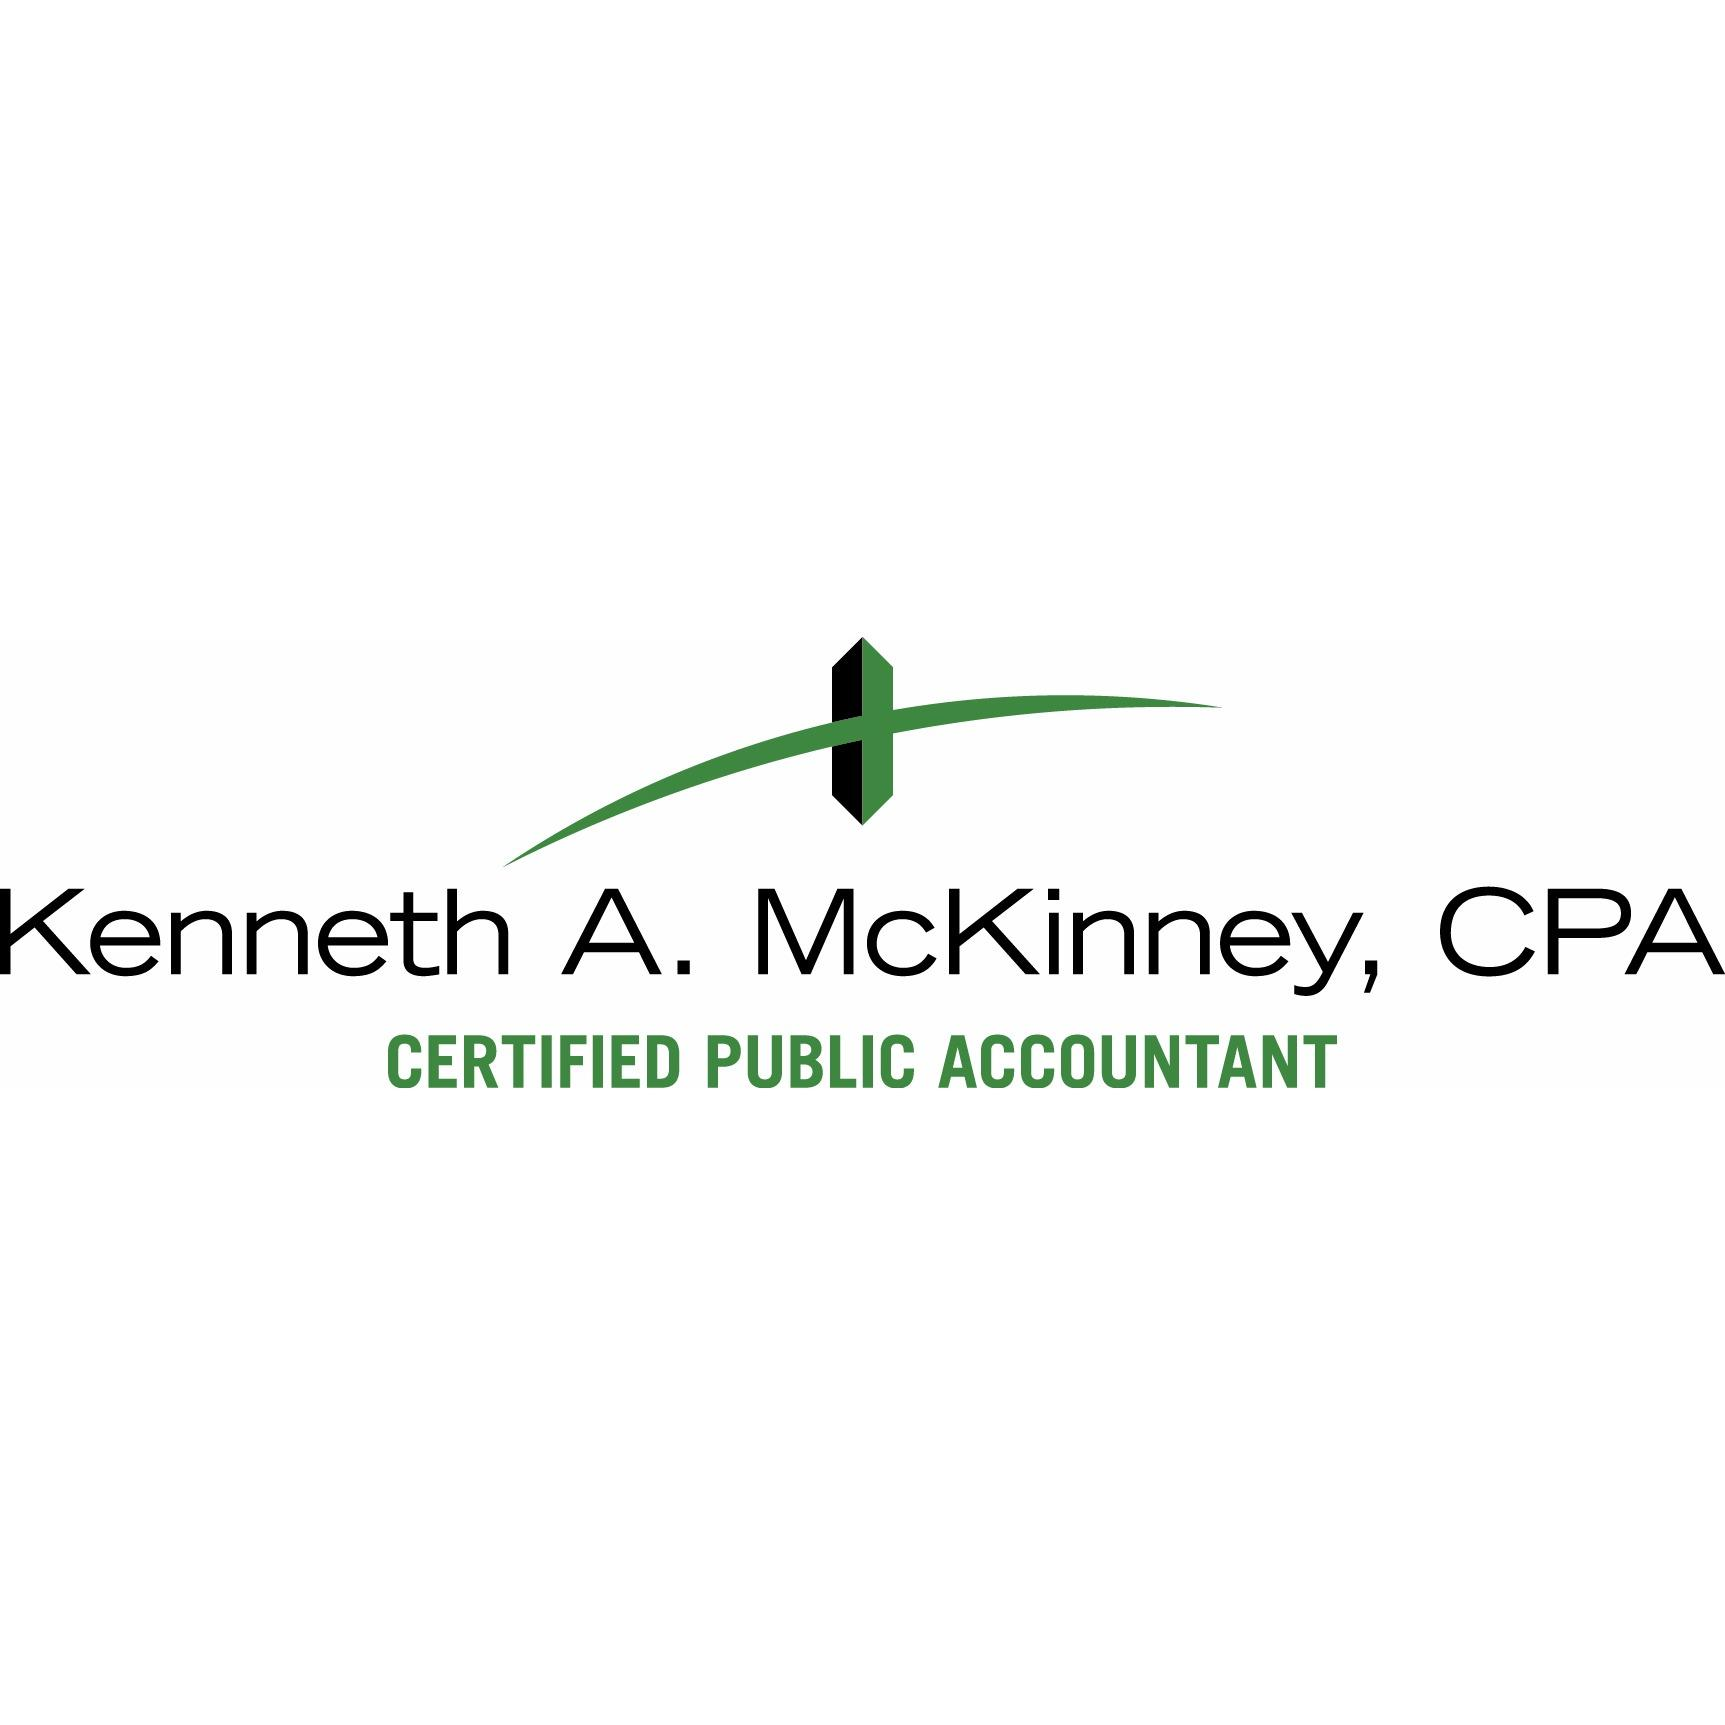 Kenneth A. McKinney, CPA